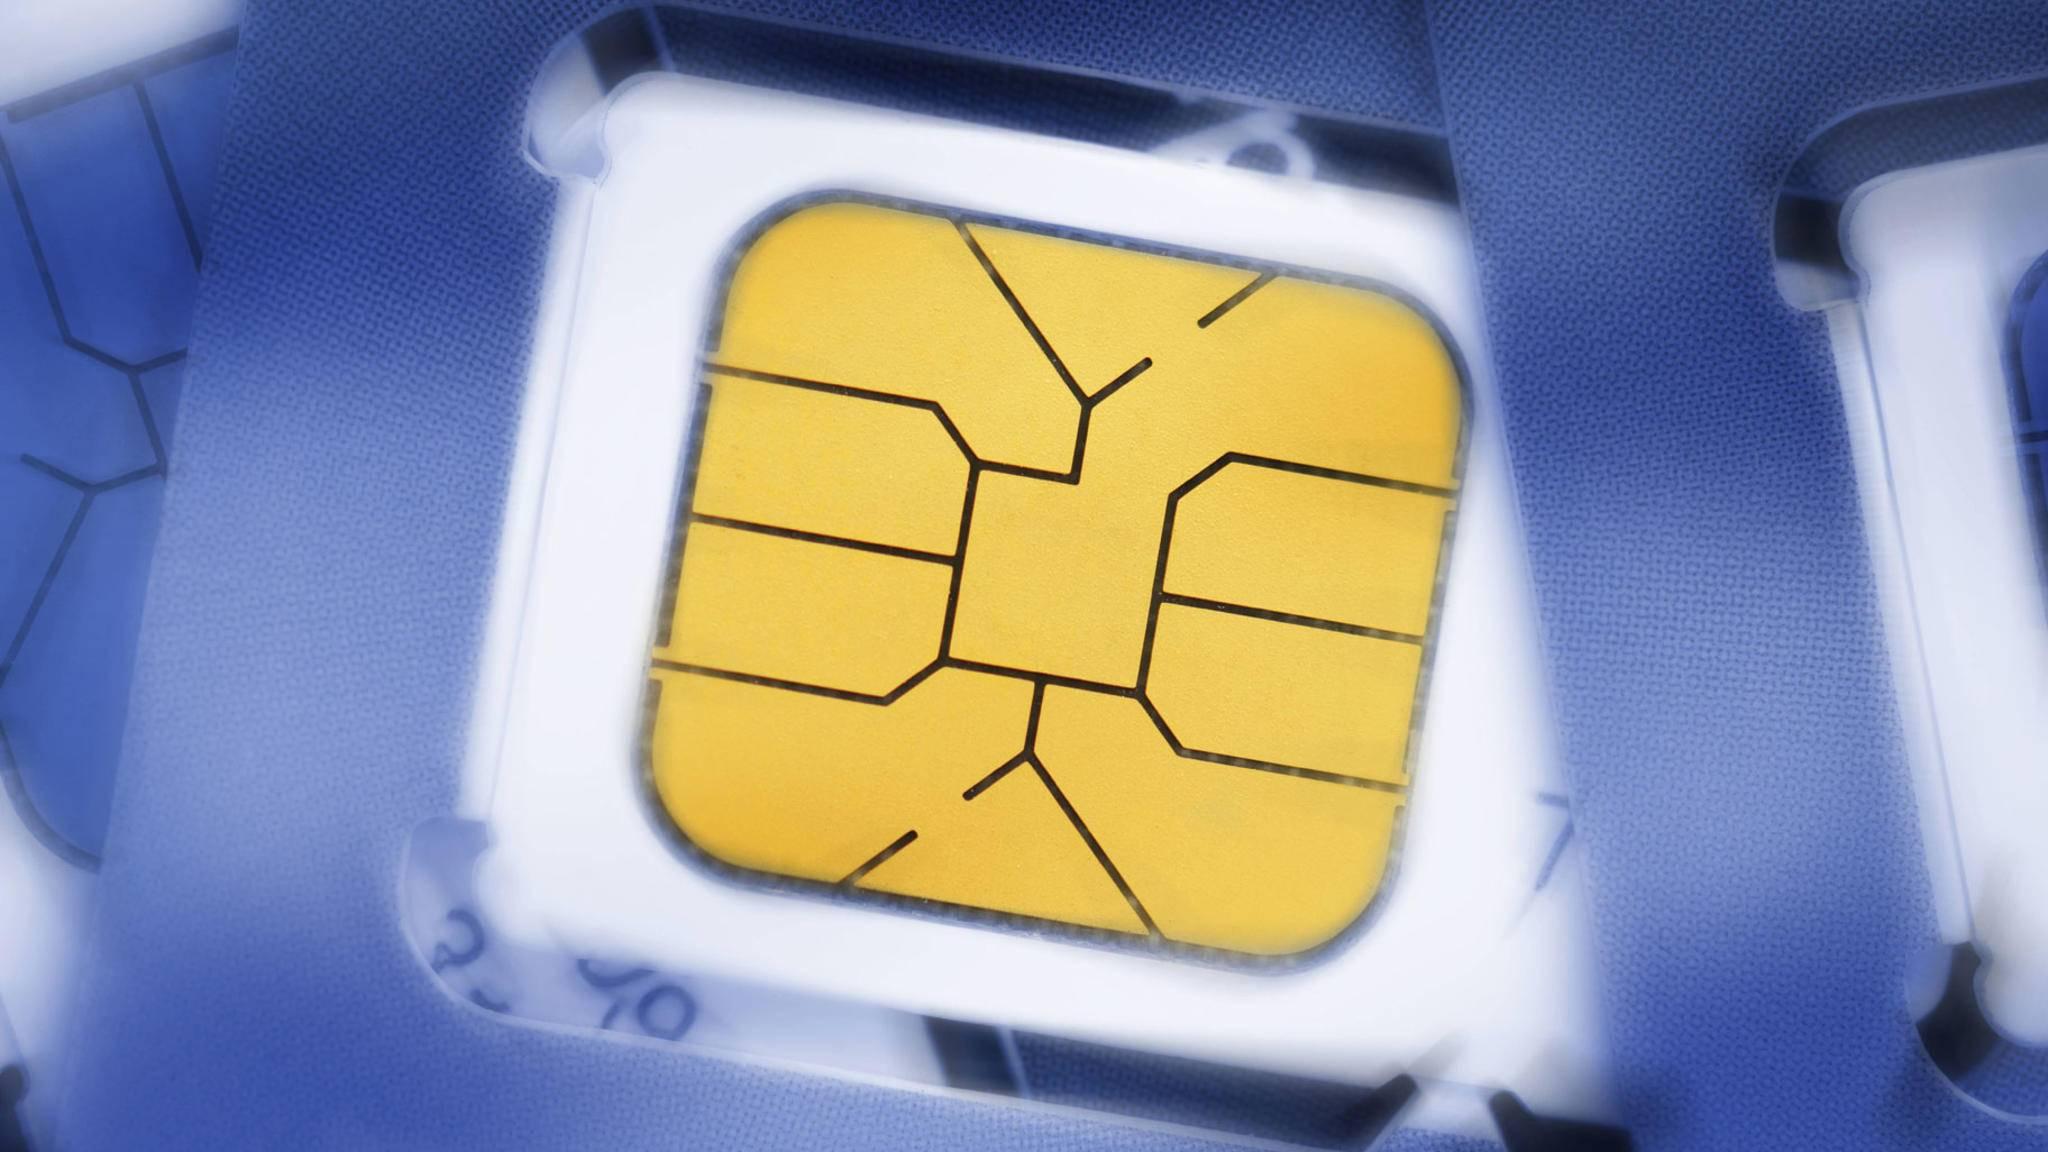 Kontakte noch auf der SIM-Karte? So kannst Du diese auf Deinem iPhone importieren.